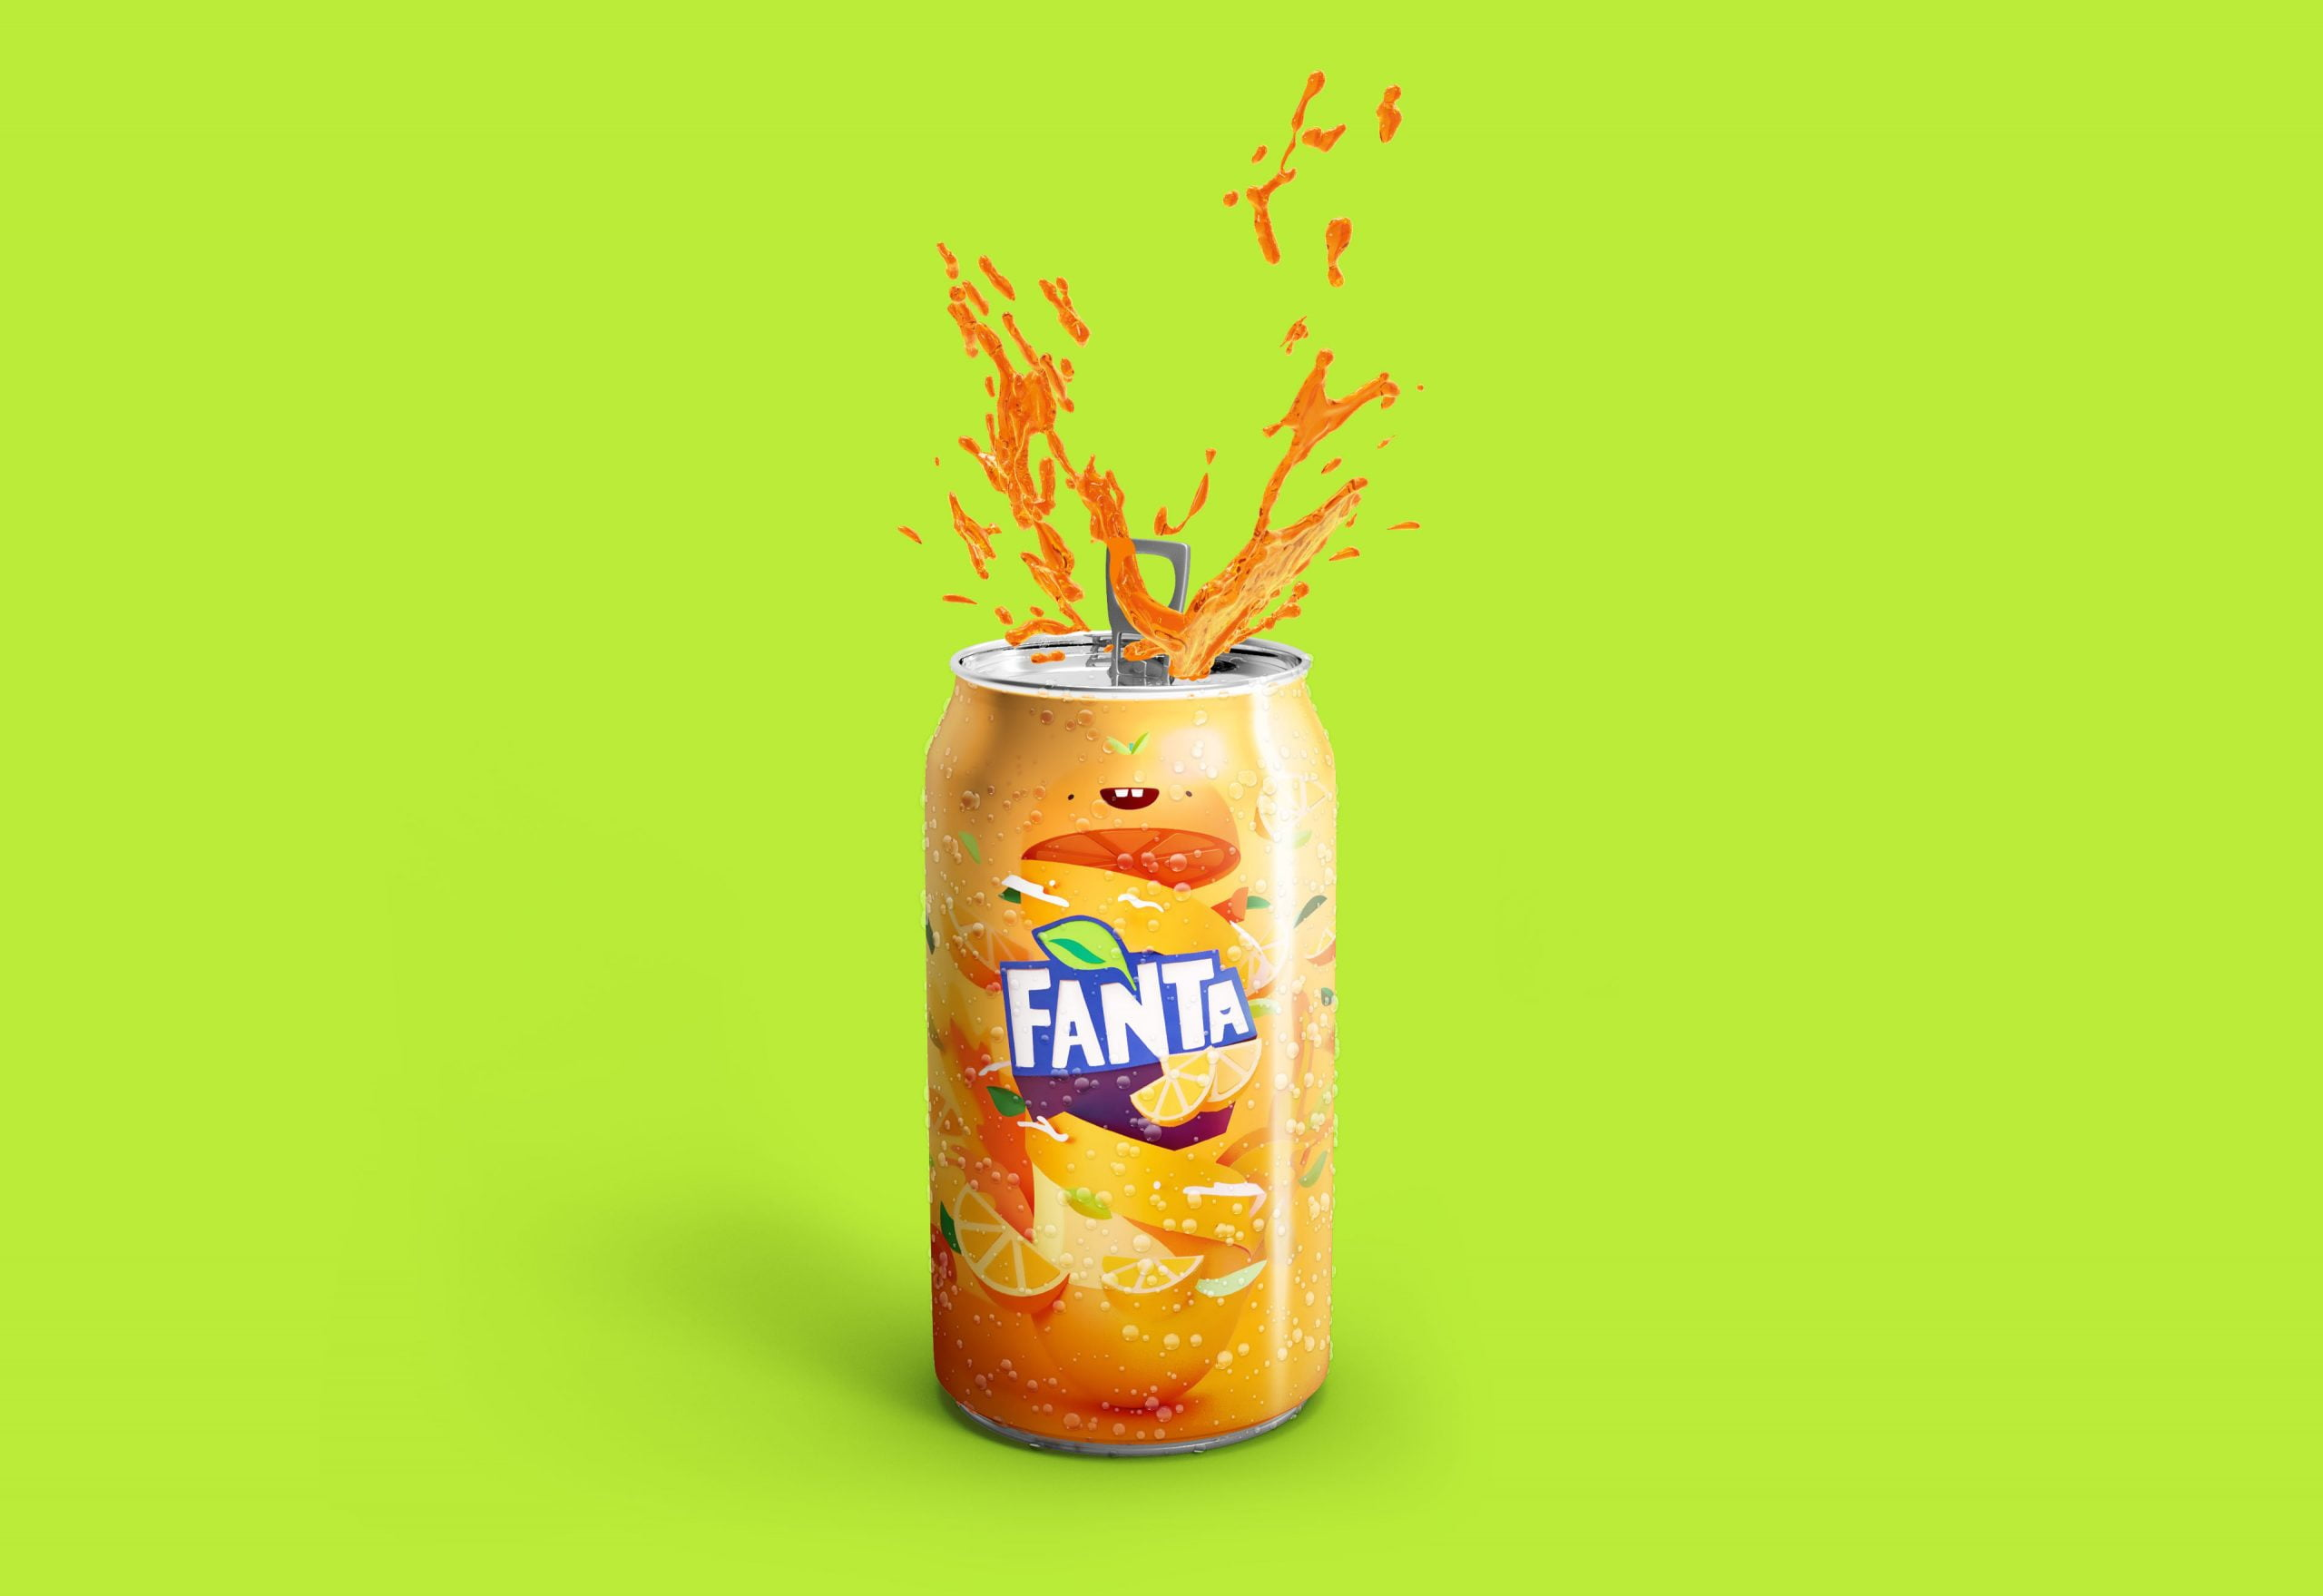 Fanta Logo Free Soda Can Mockup